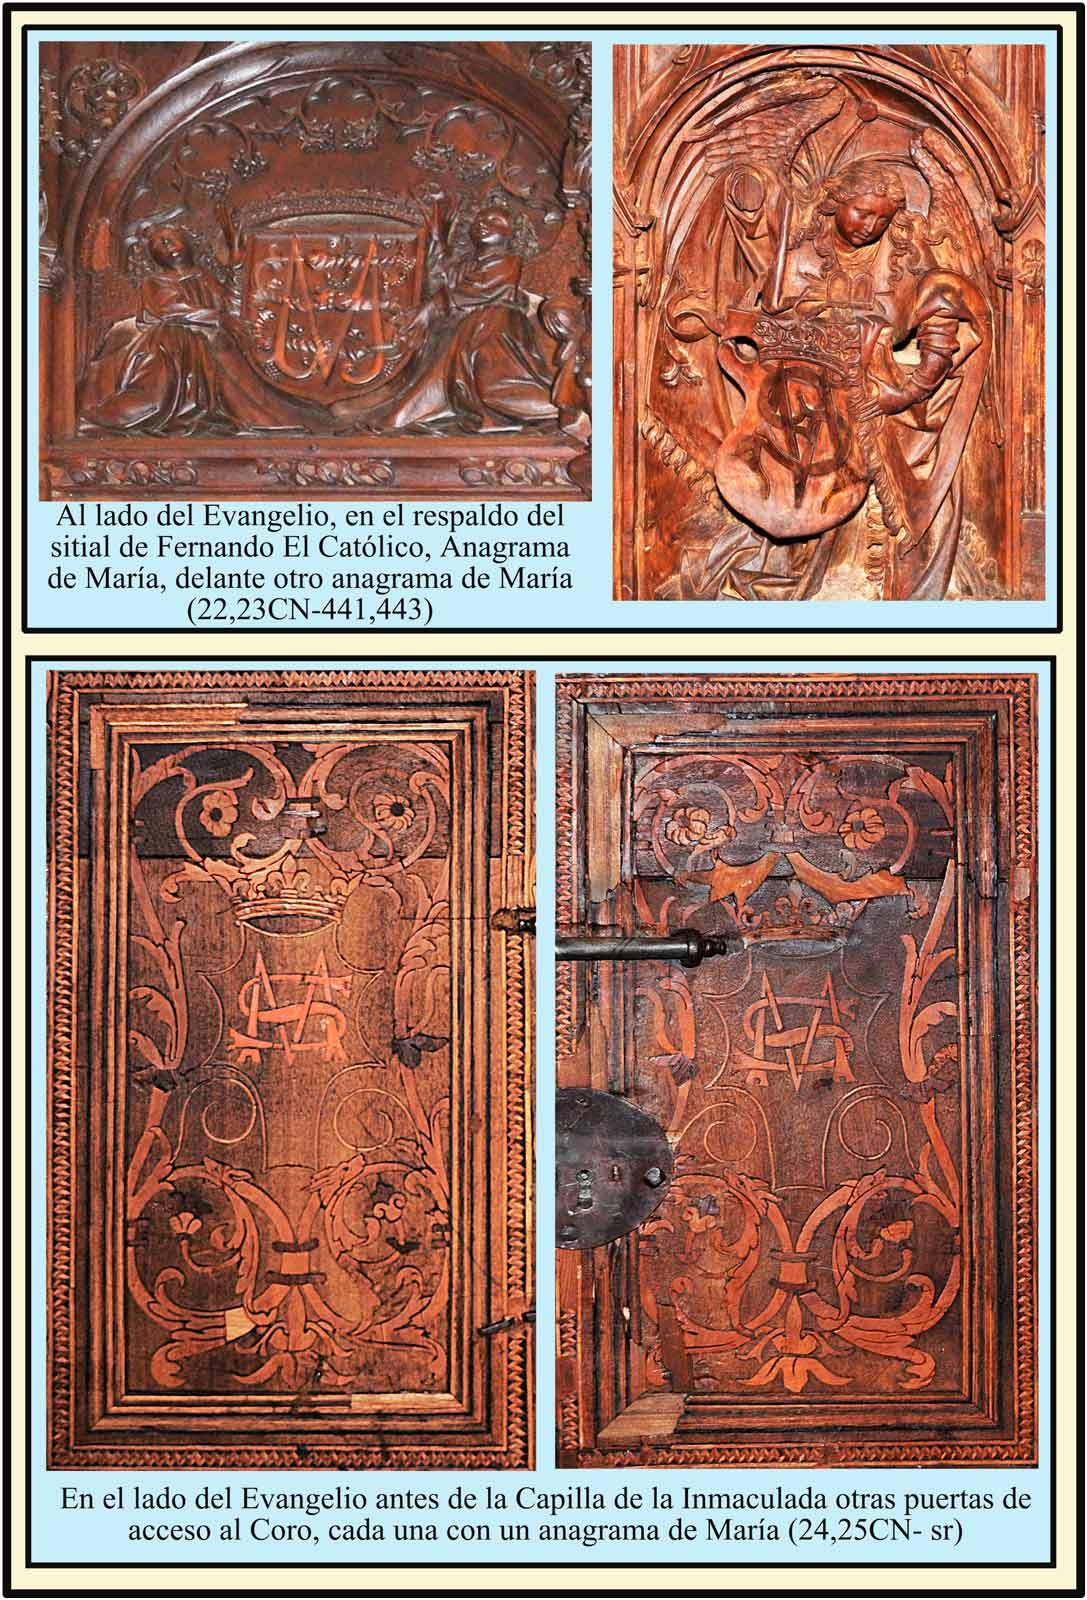 Dos anagramas de María y Santa María en el sitial de Fernando el Católico. Hojas puertas entrada al Coro por el lado del Evangelio.